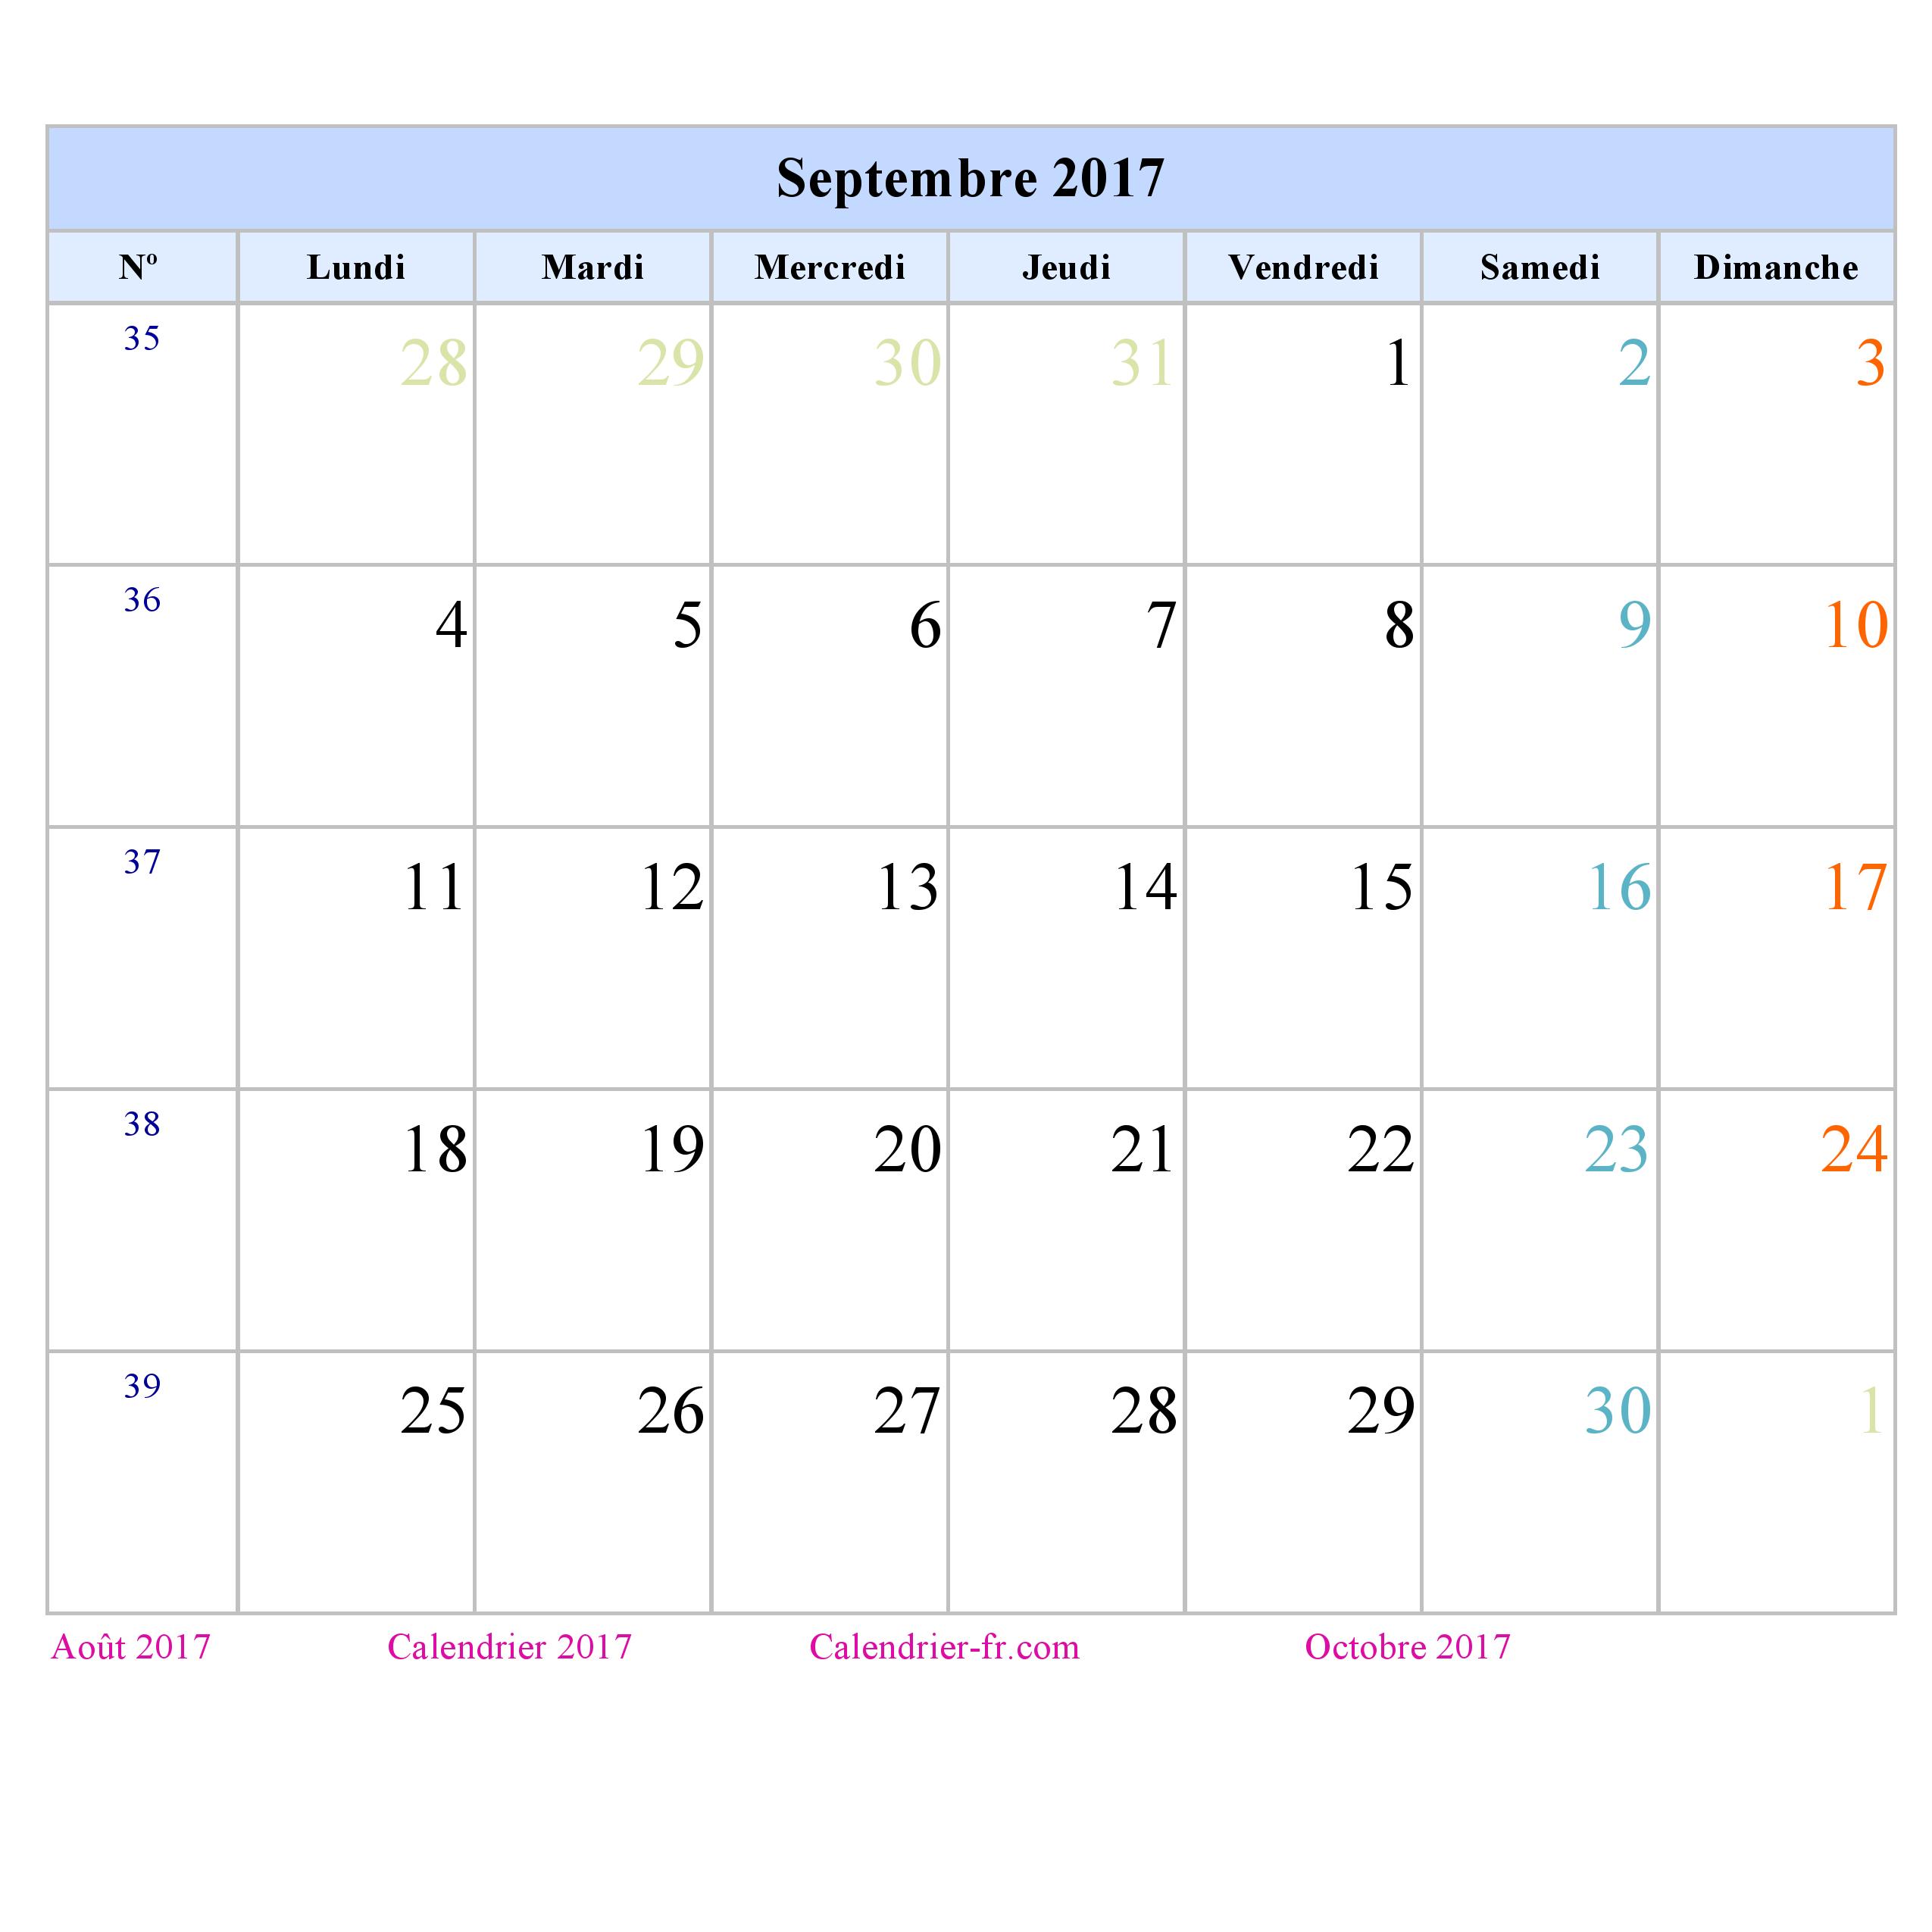 Calendrier Septembre 2017 à imprimer gratuit en PDF et Excel